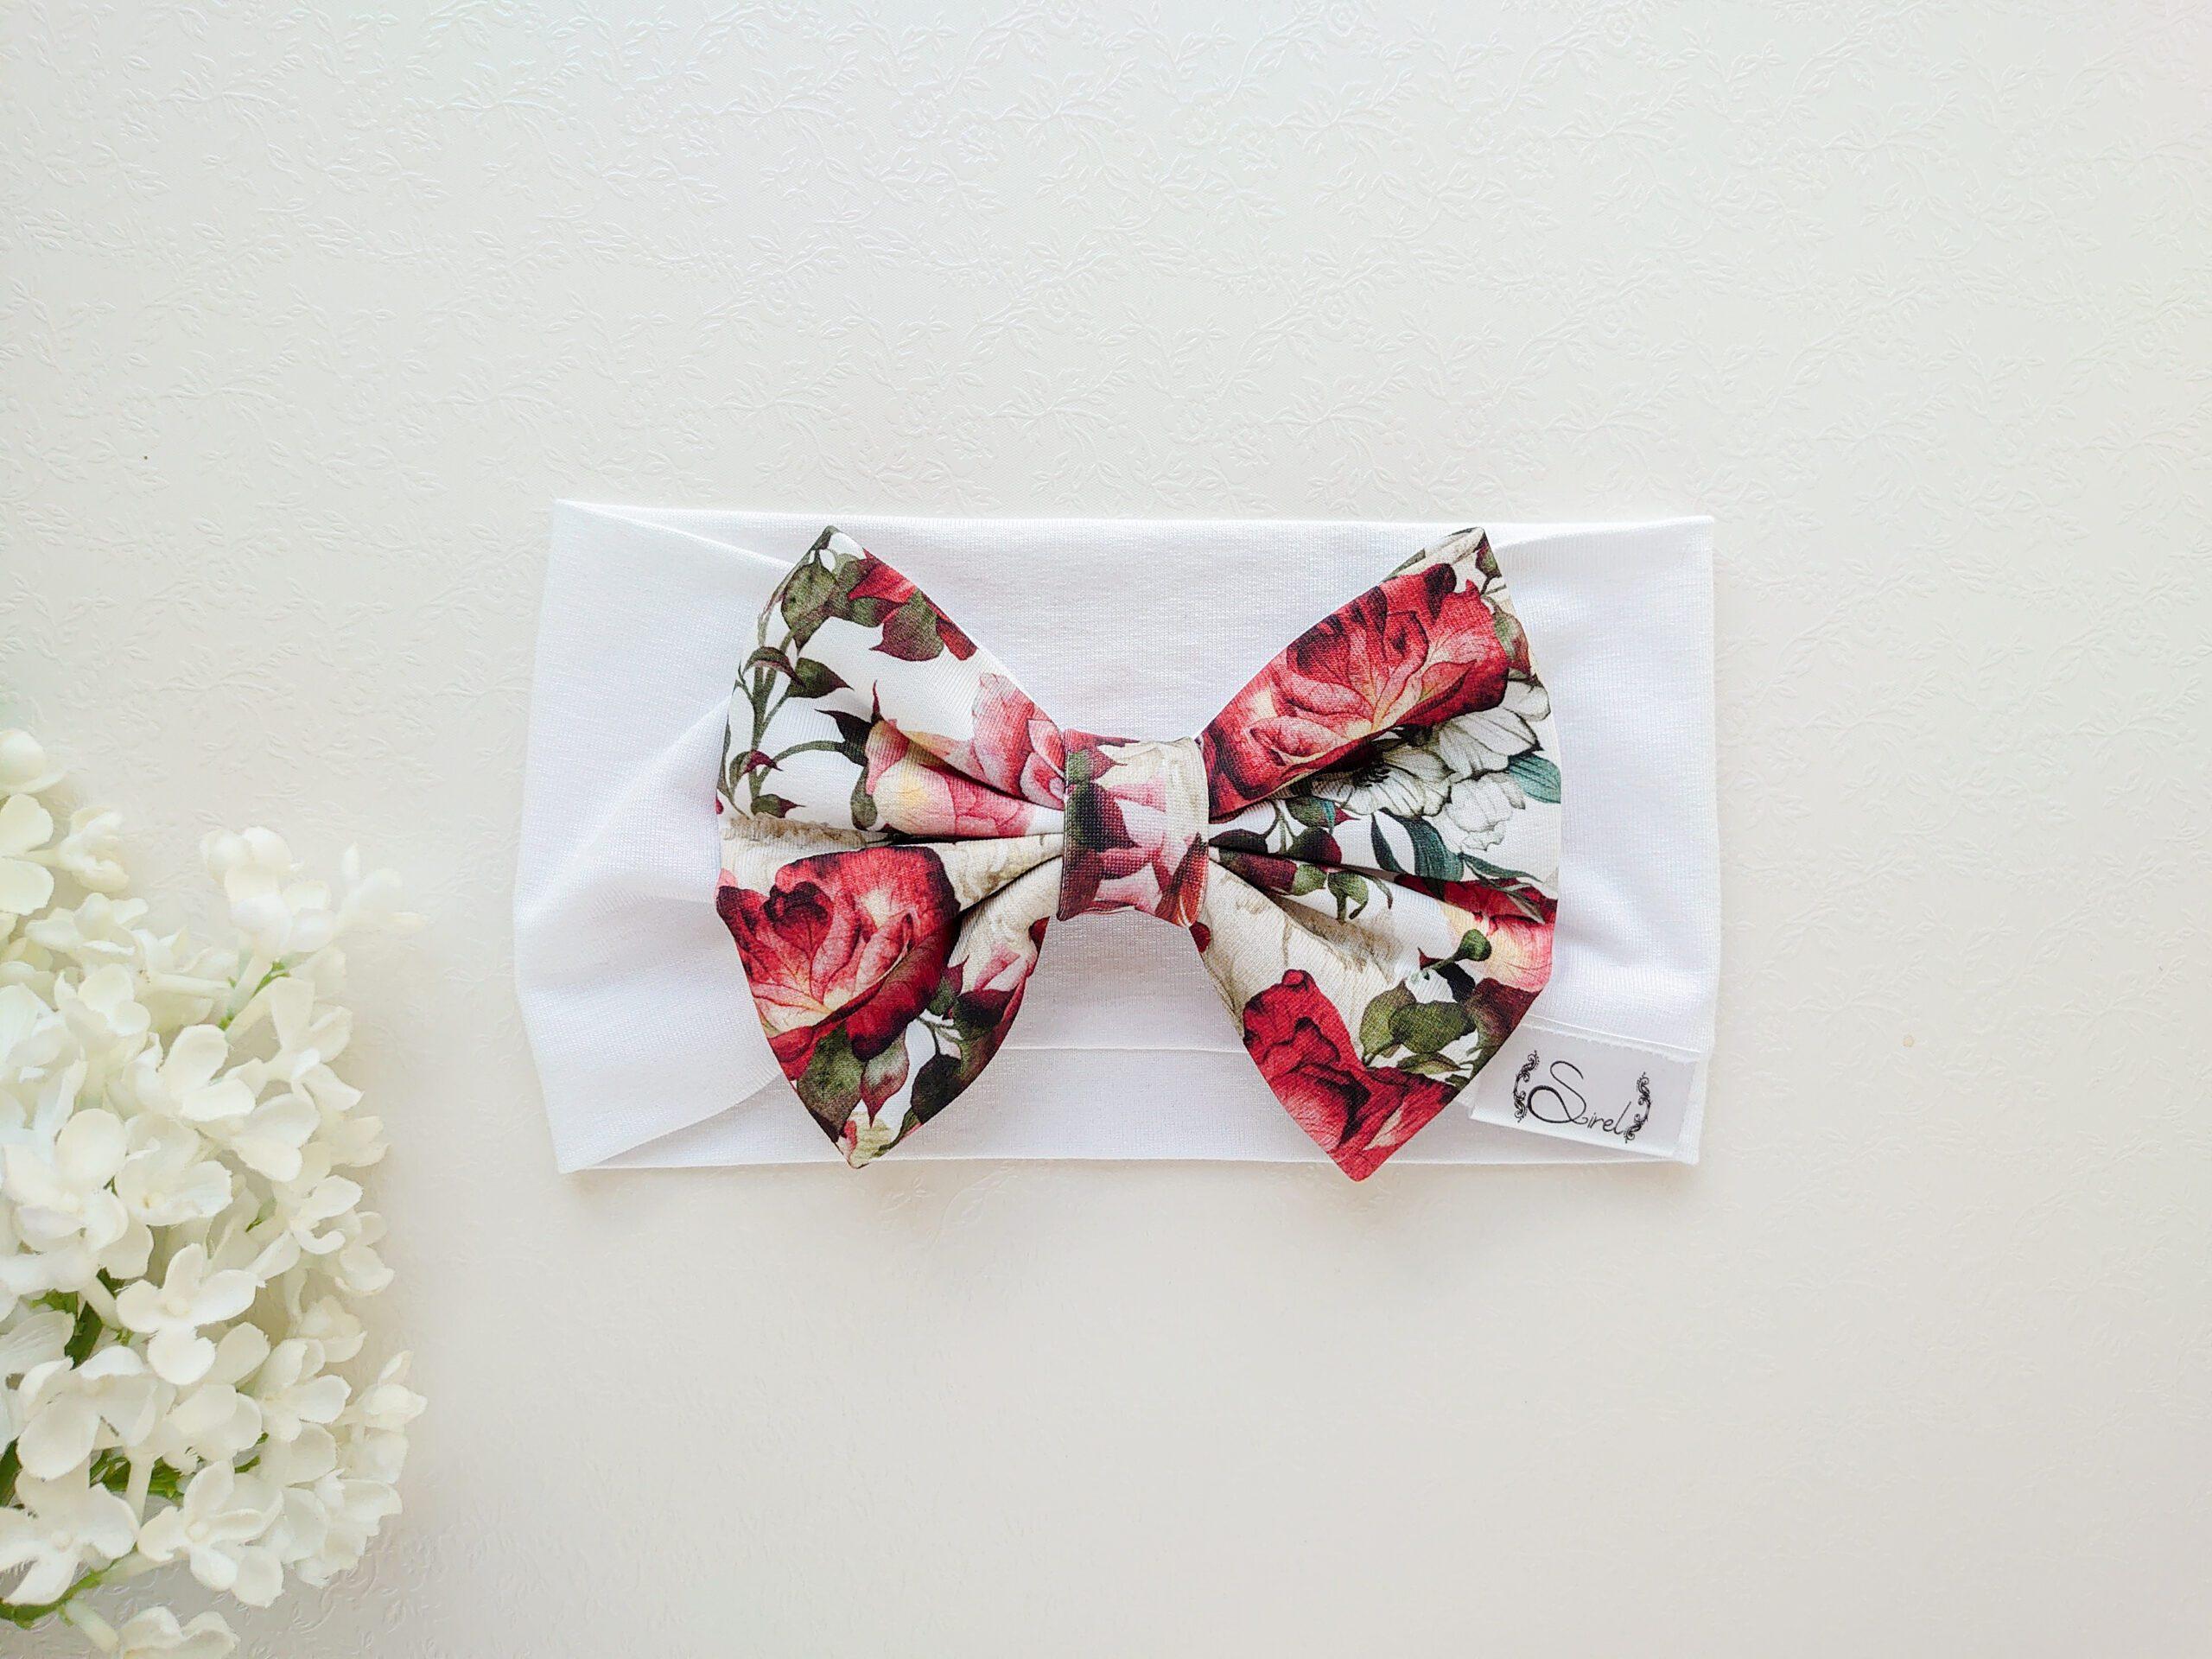 Valge-ja-punast-roosidega-blossom tüdrukute puuvillane suure lipsuga peapael suveks